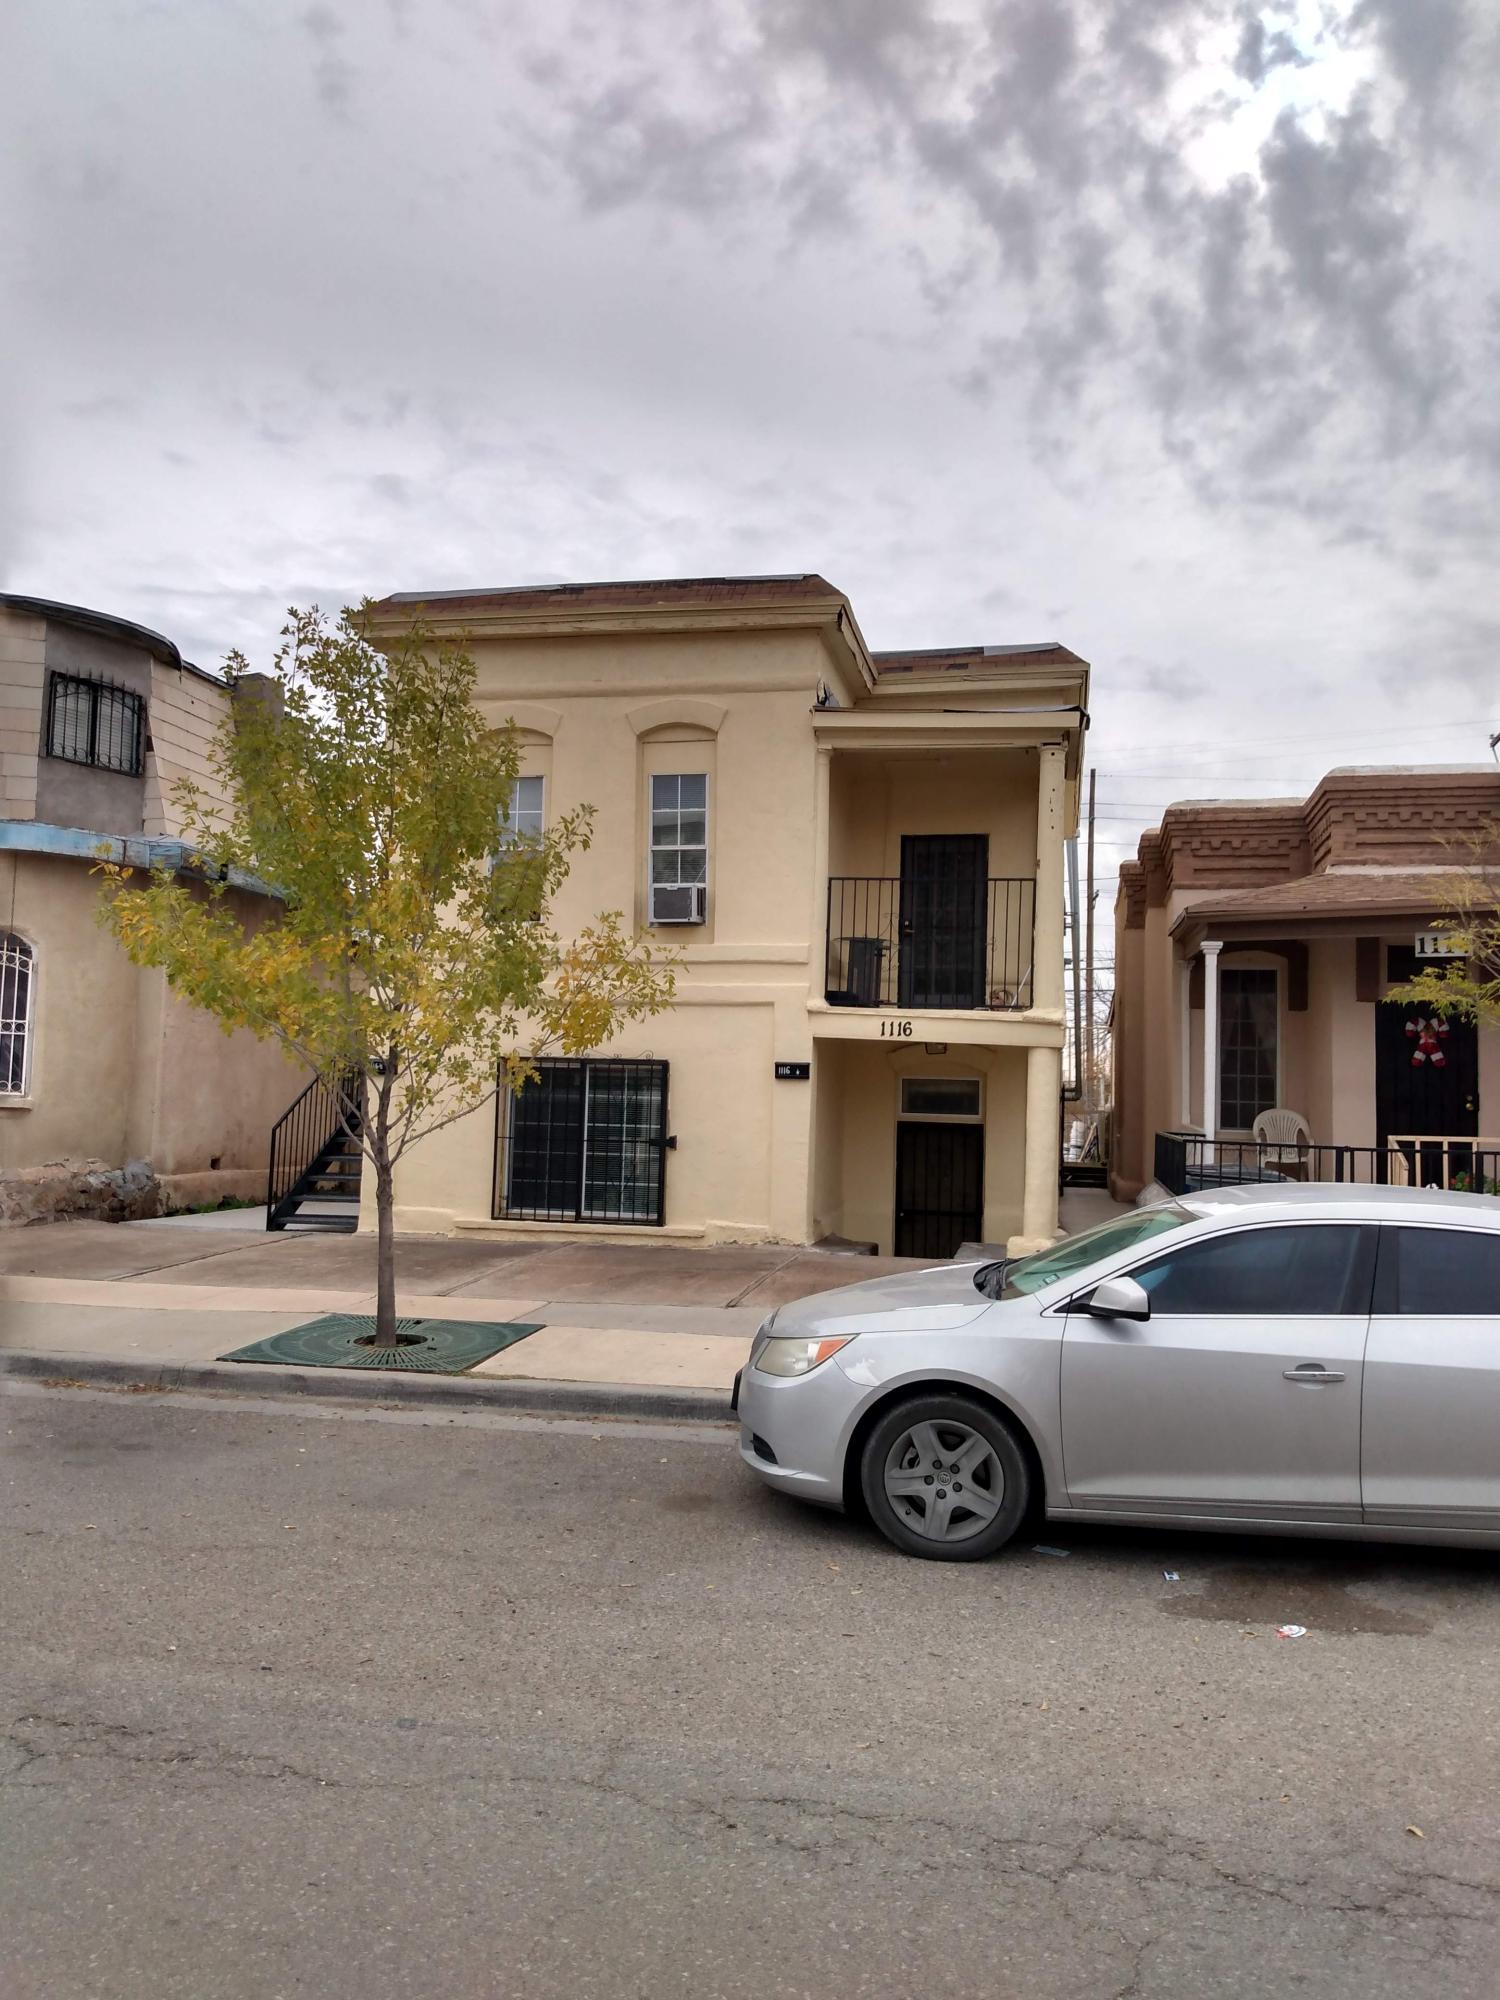 1116 San Antonio Avenue, El Paso, Texas 79901, ,Multi-family,For sale,San Antonio,819681